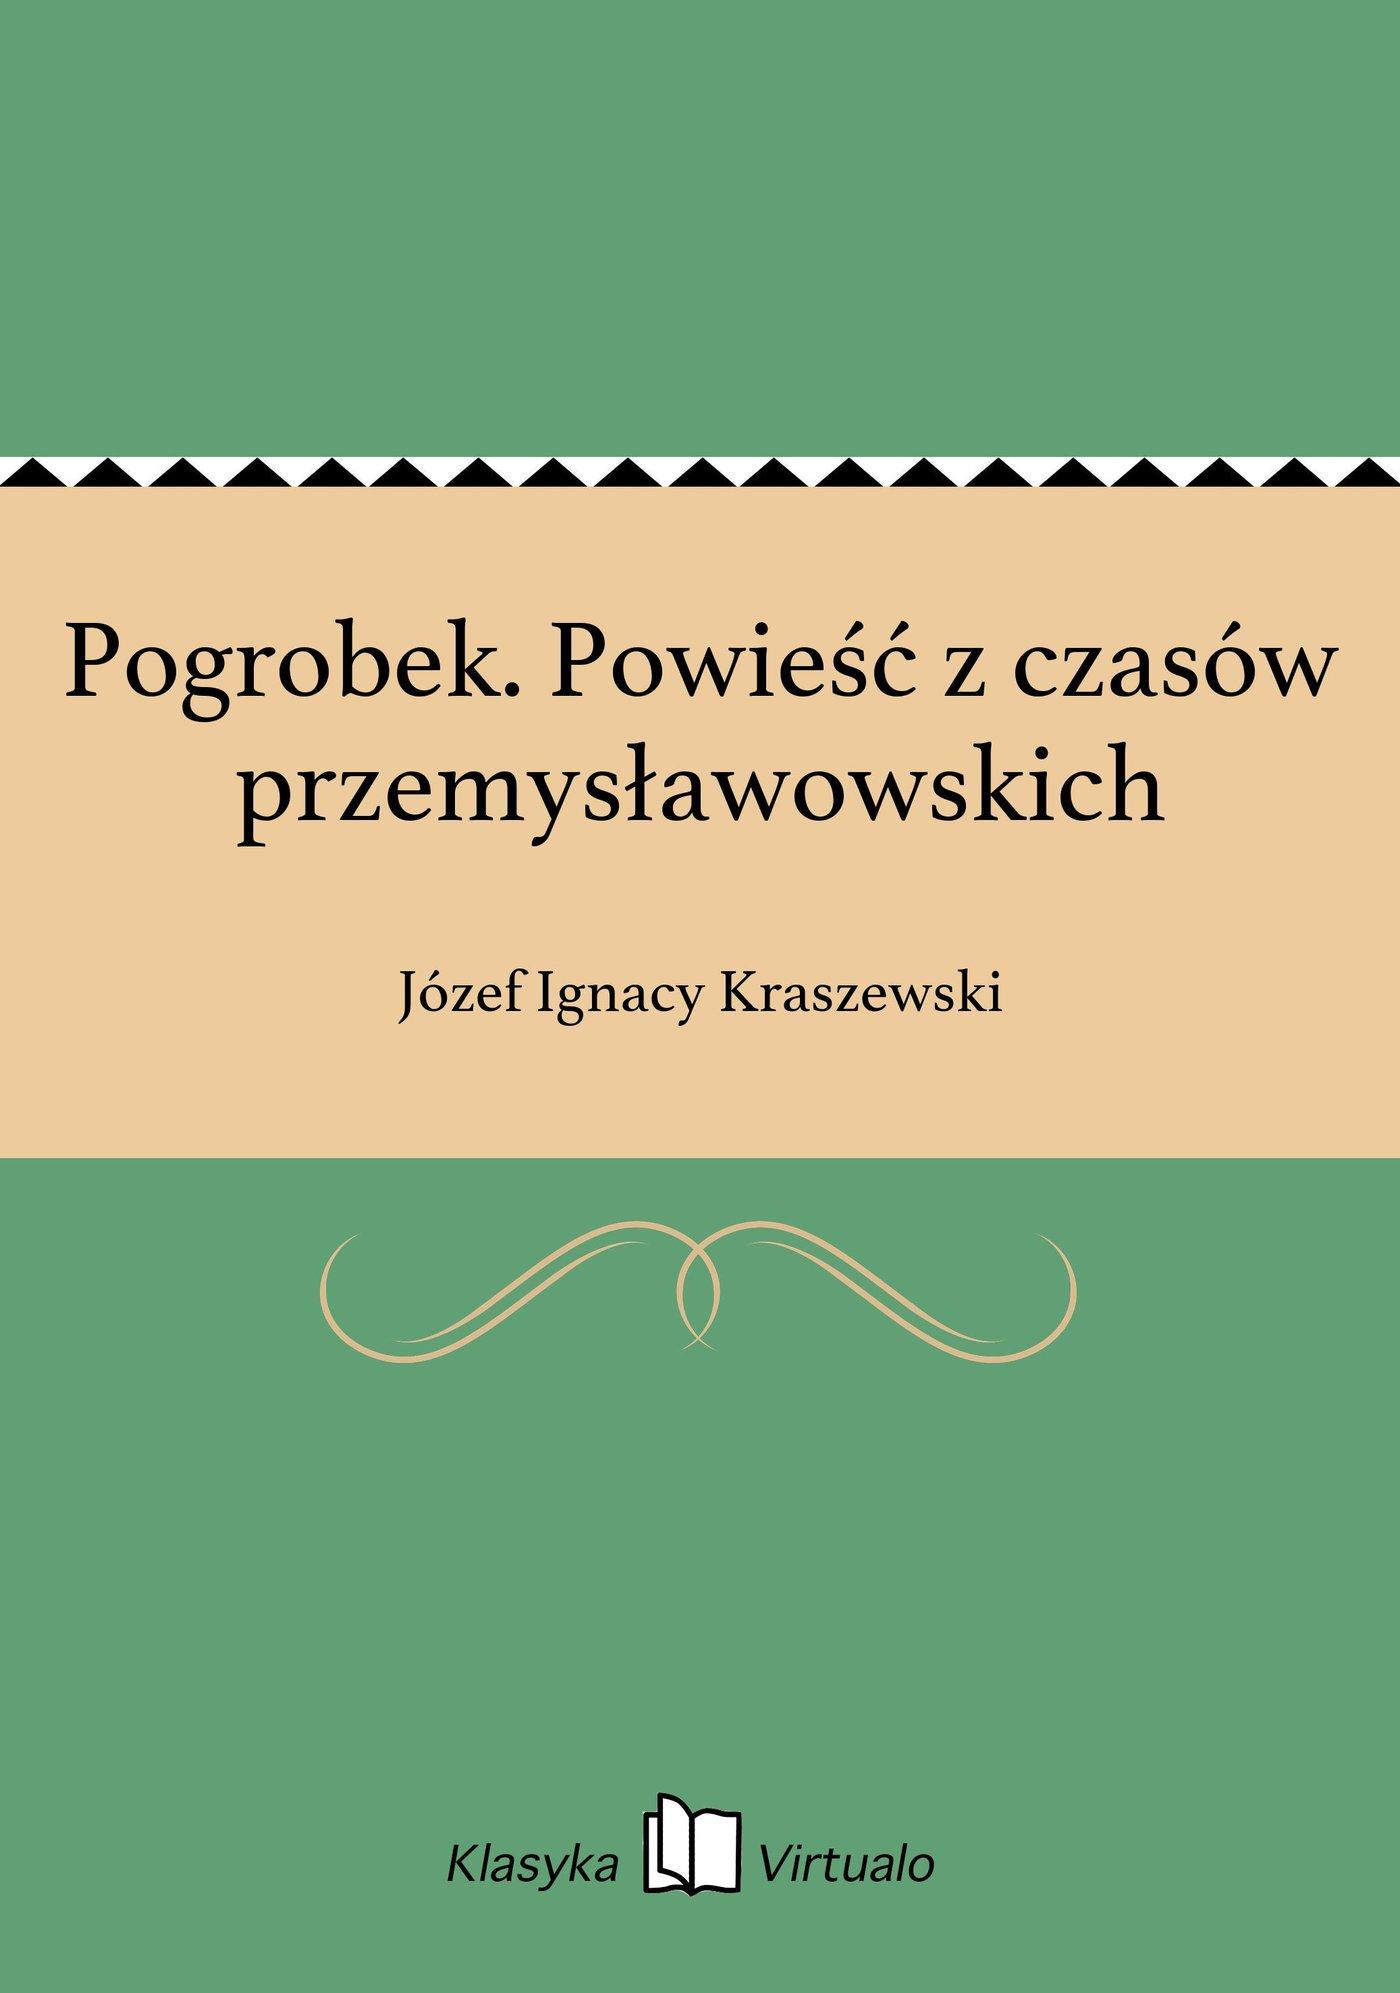 Pogrobek. Powieść z czasów przemysławowskich - Ebook (Książka EPUB) do pobrania w formacie EPUB